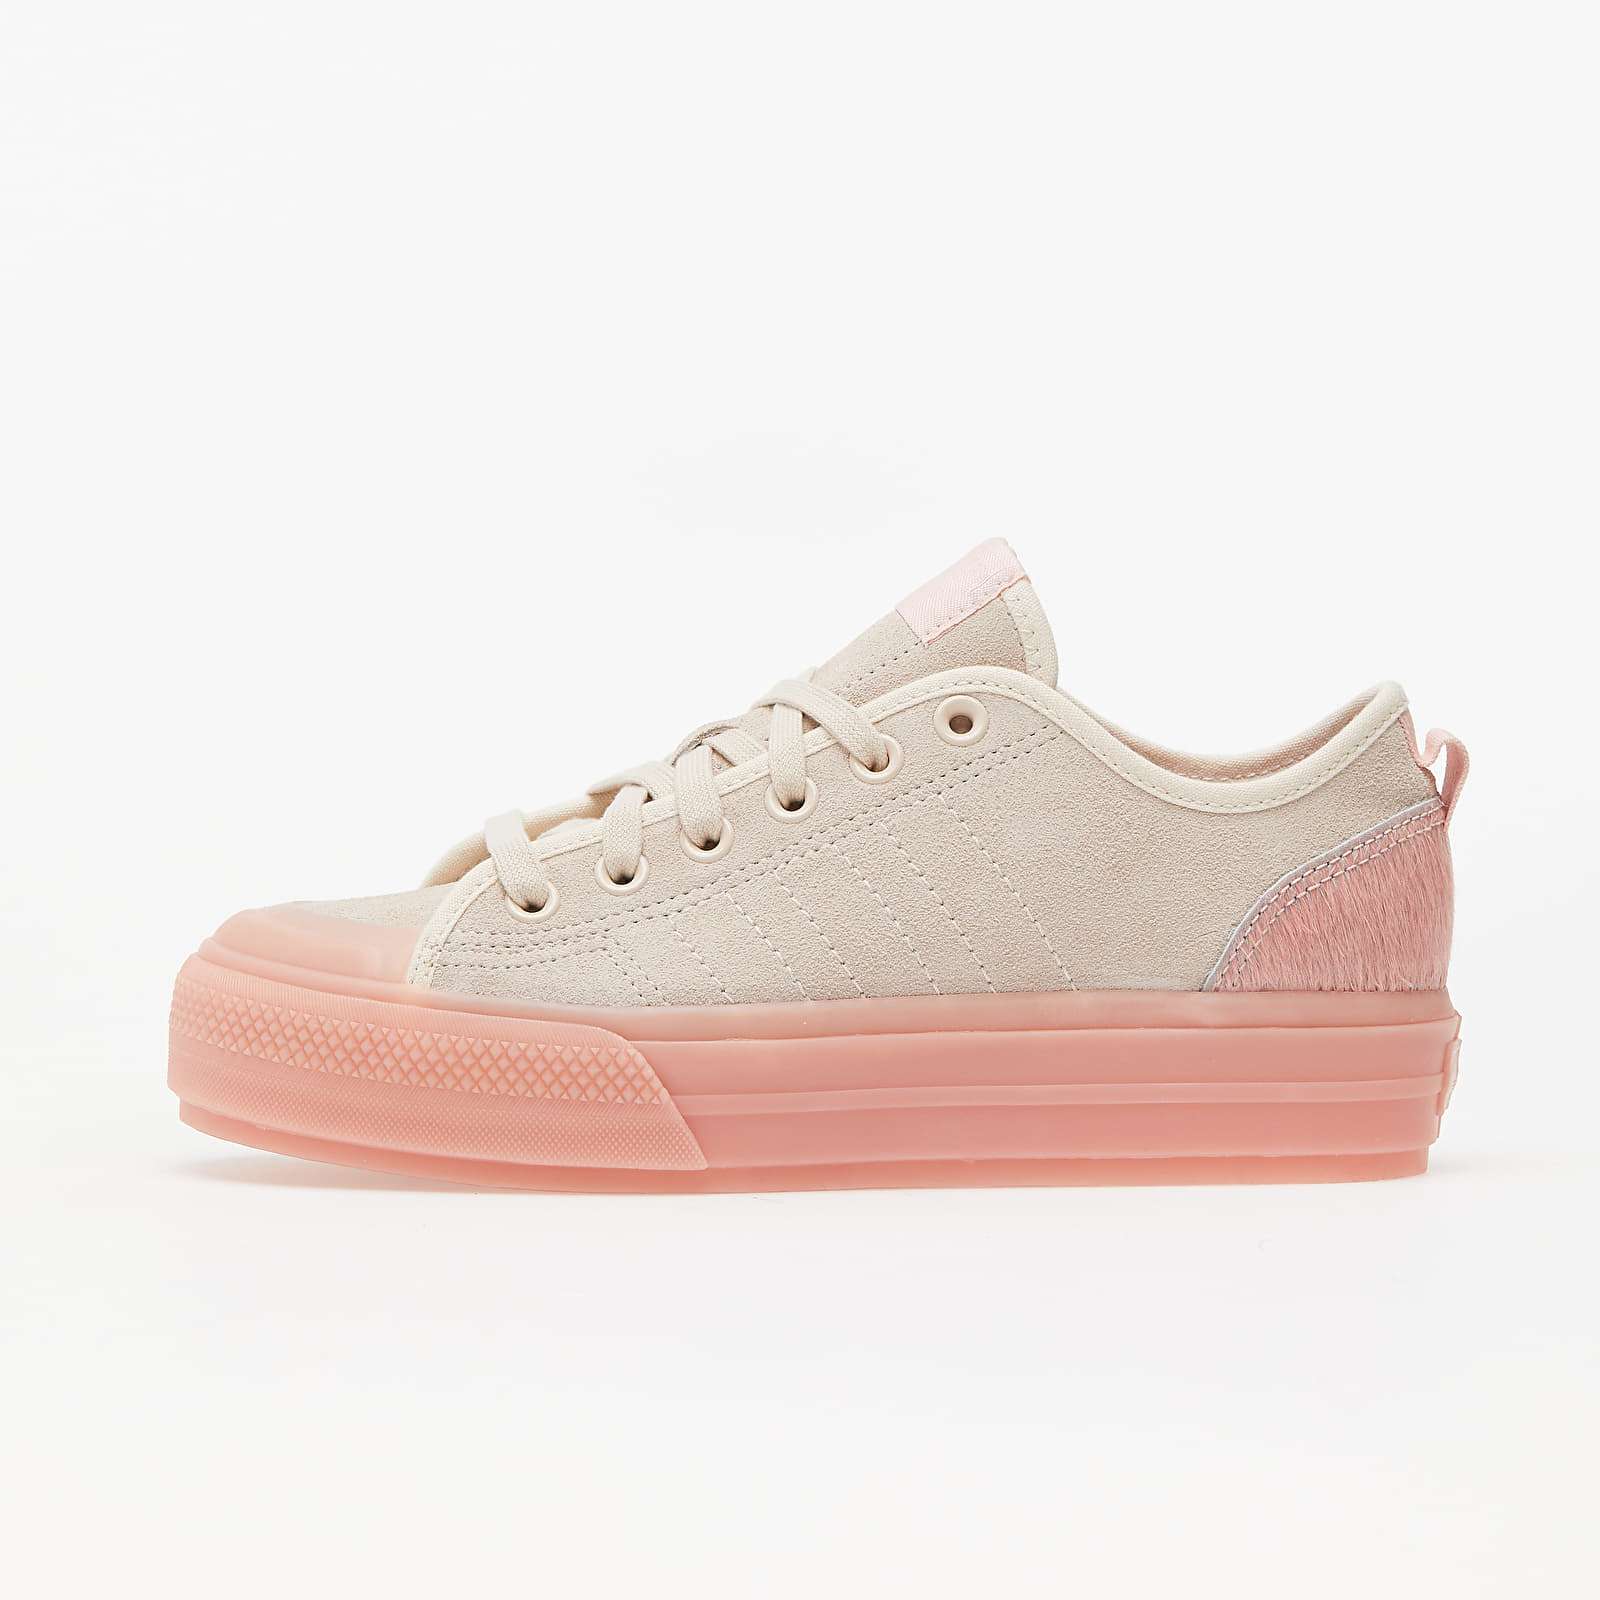 adidas Nizza RF Platform W Linen/ Vapour Pink/ Vapour Pink EUR 40 2/3